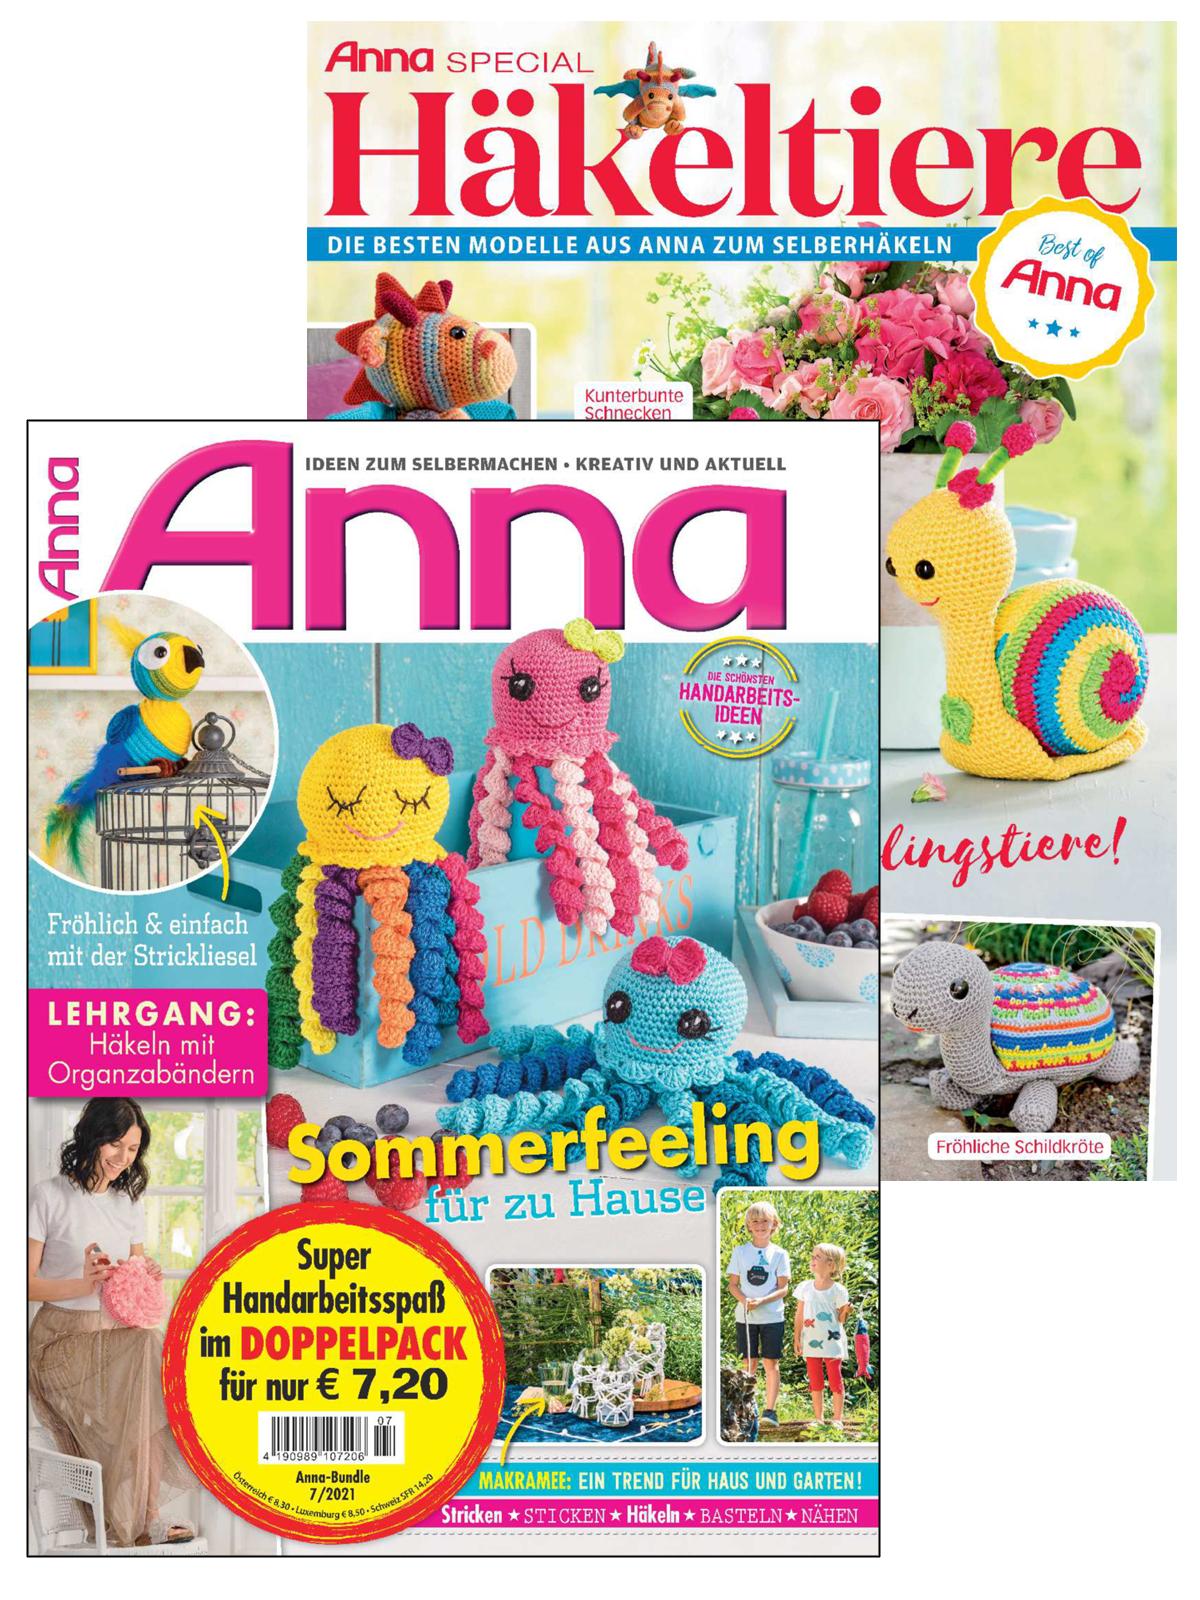 2 Zeitschriften: Anna Nr. 7/2021 und A 513